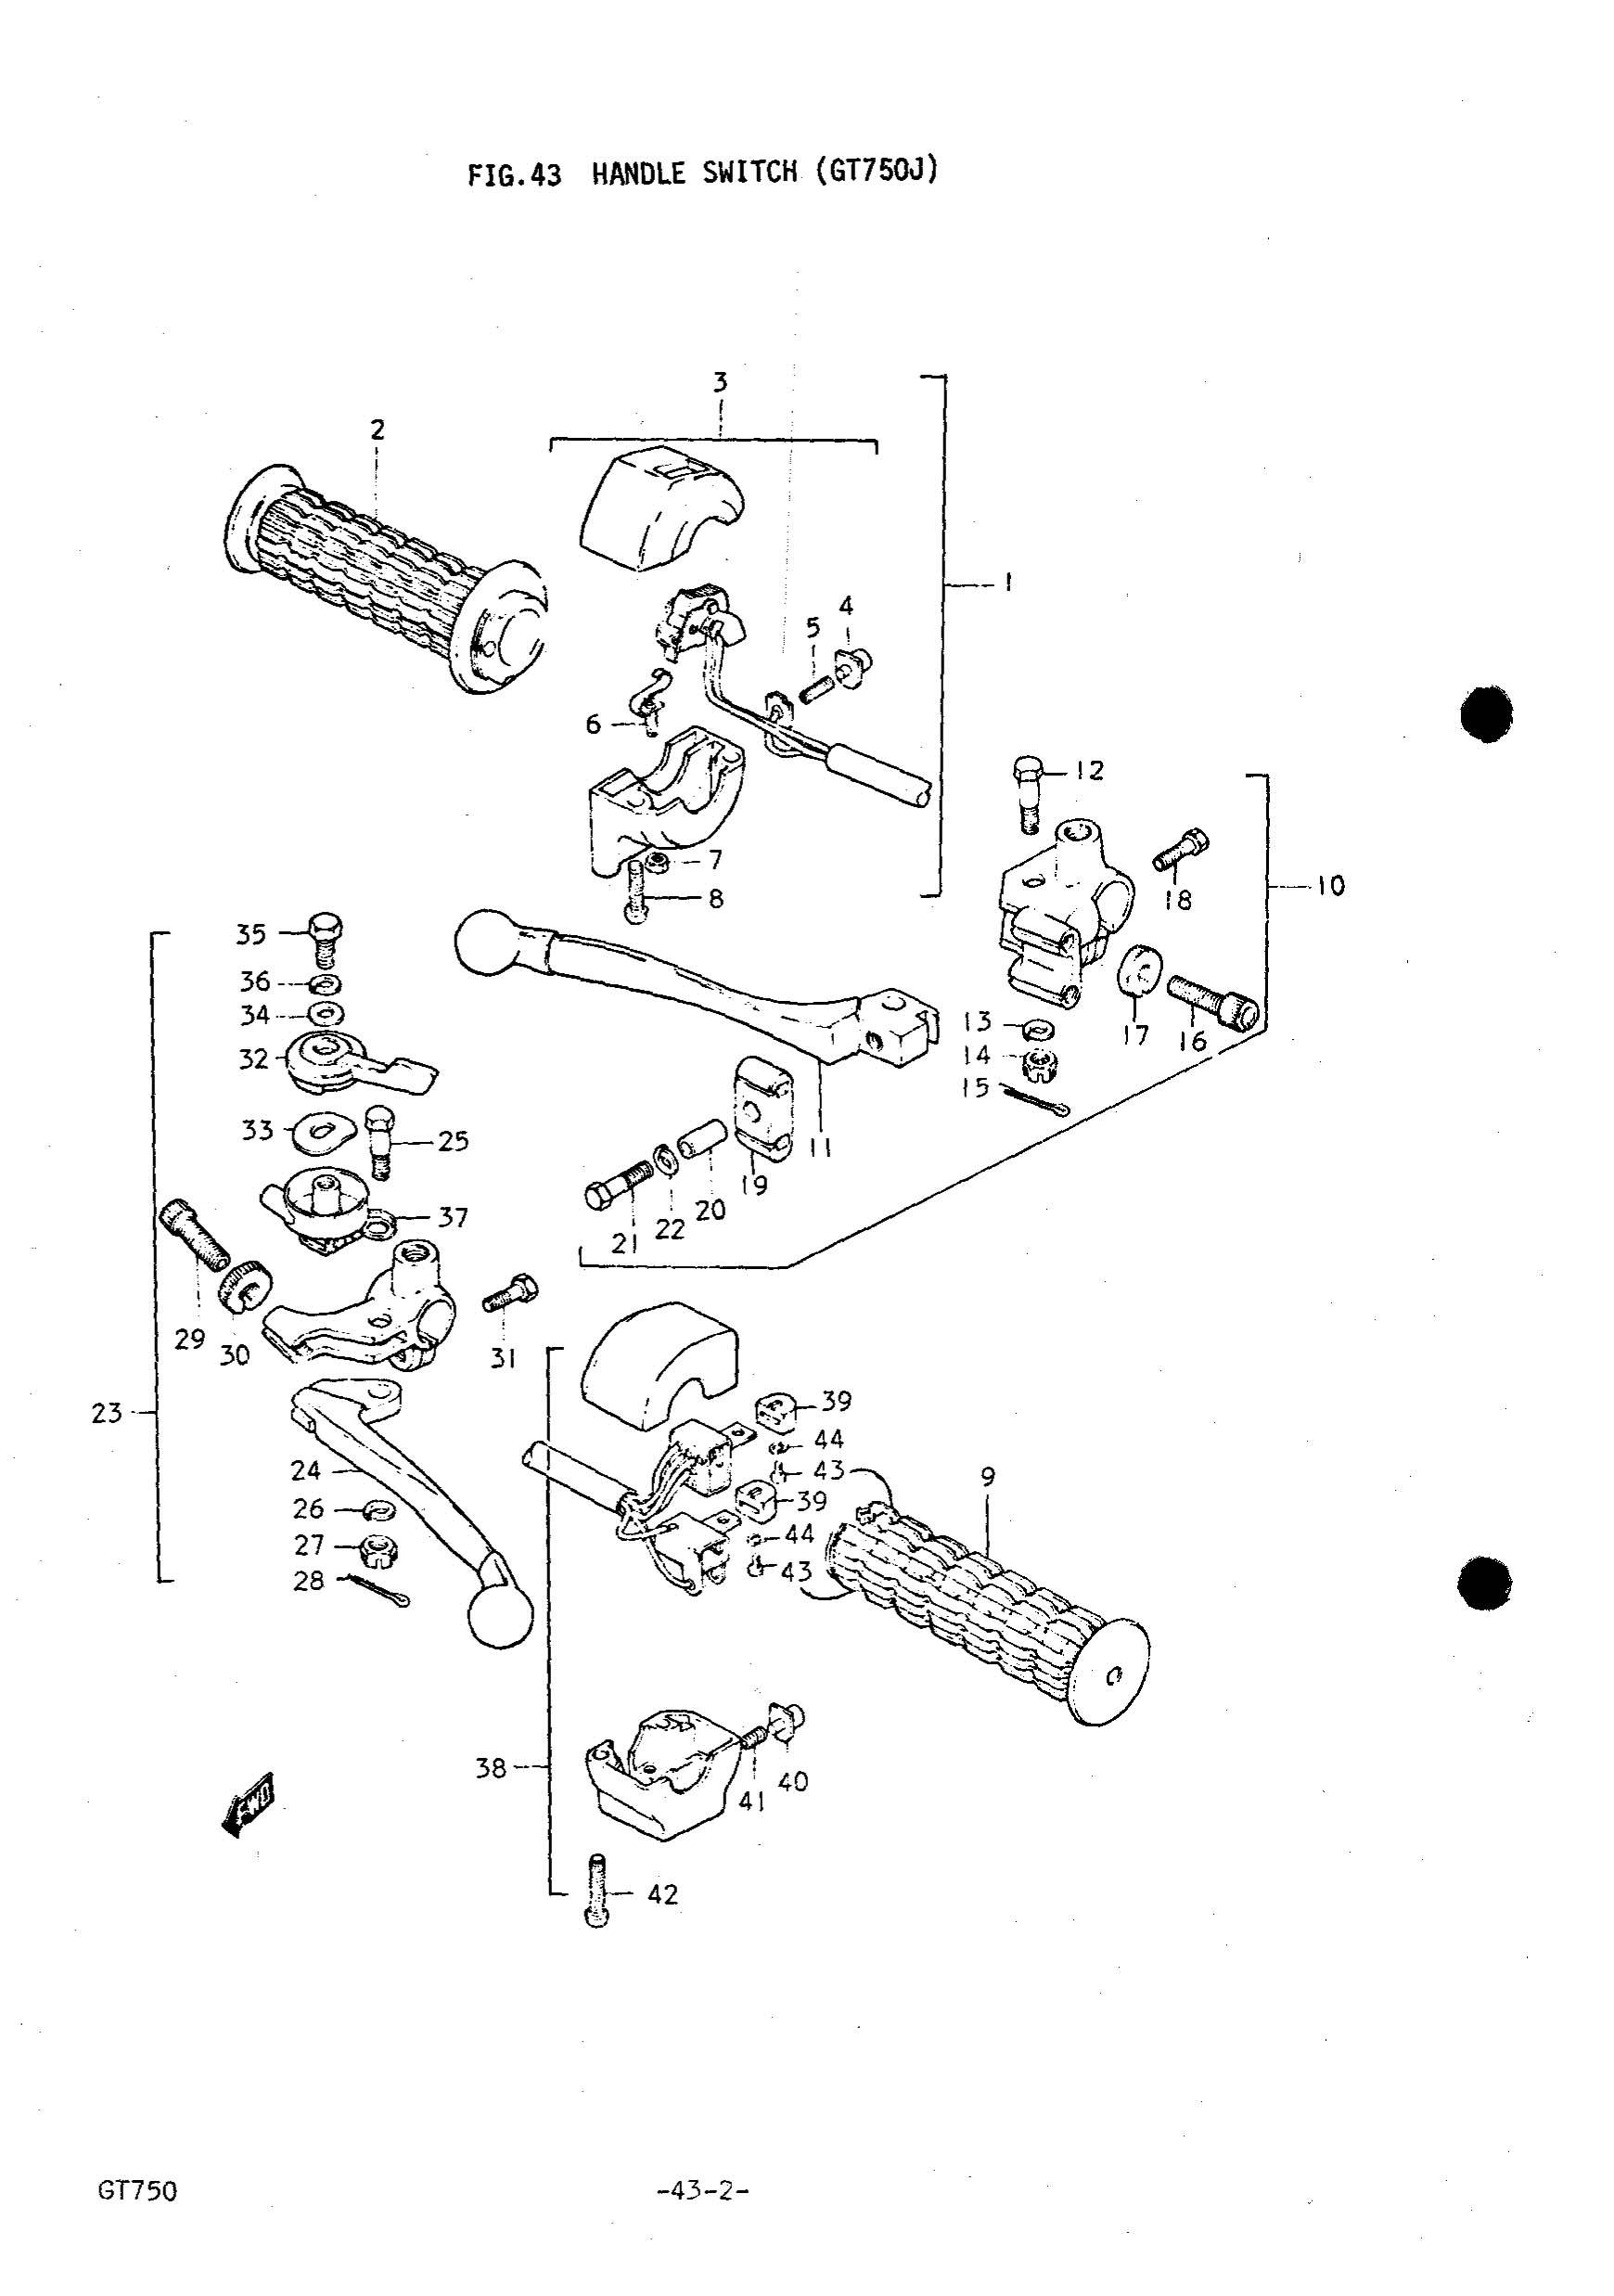 Genuine Suzuki Gt750 J Handle Switch Throttle Grip